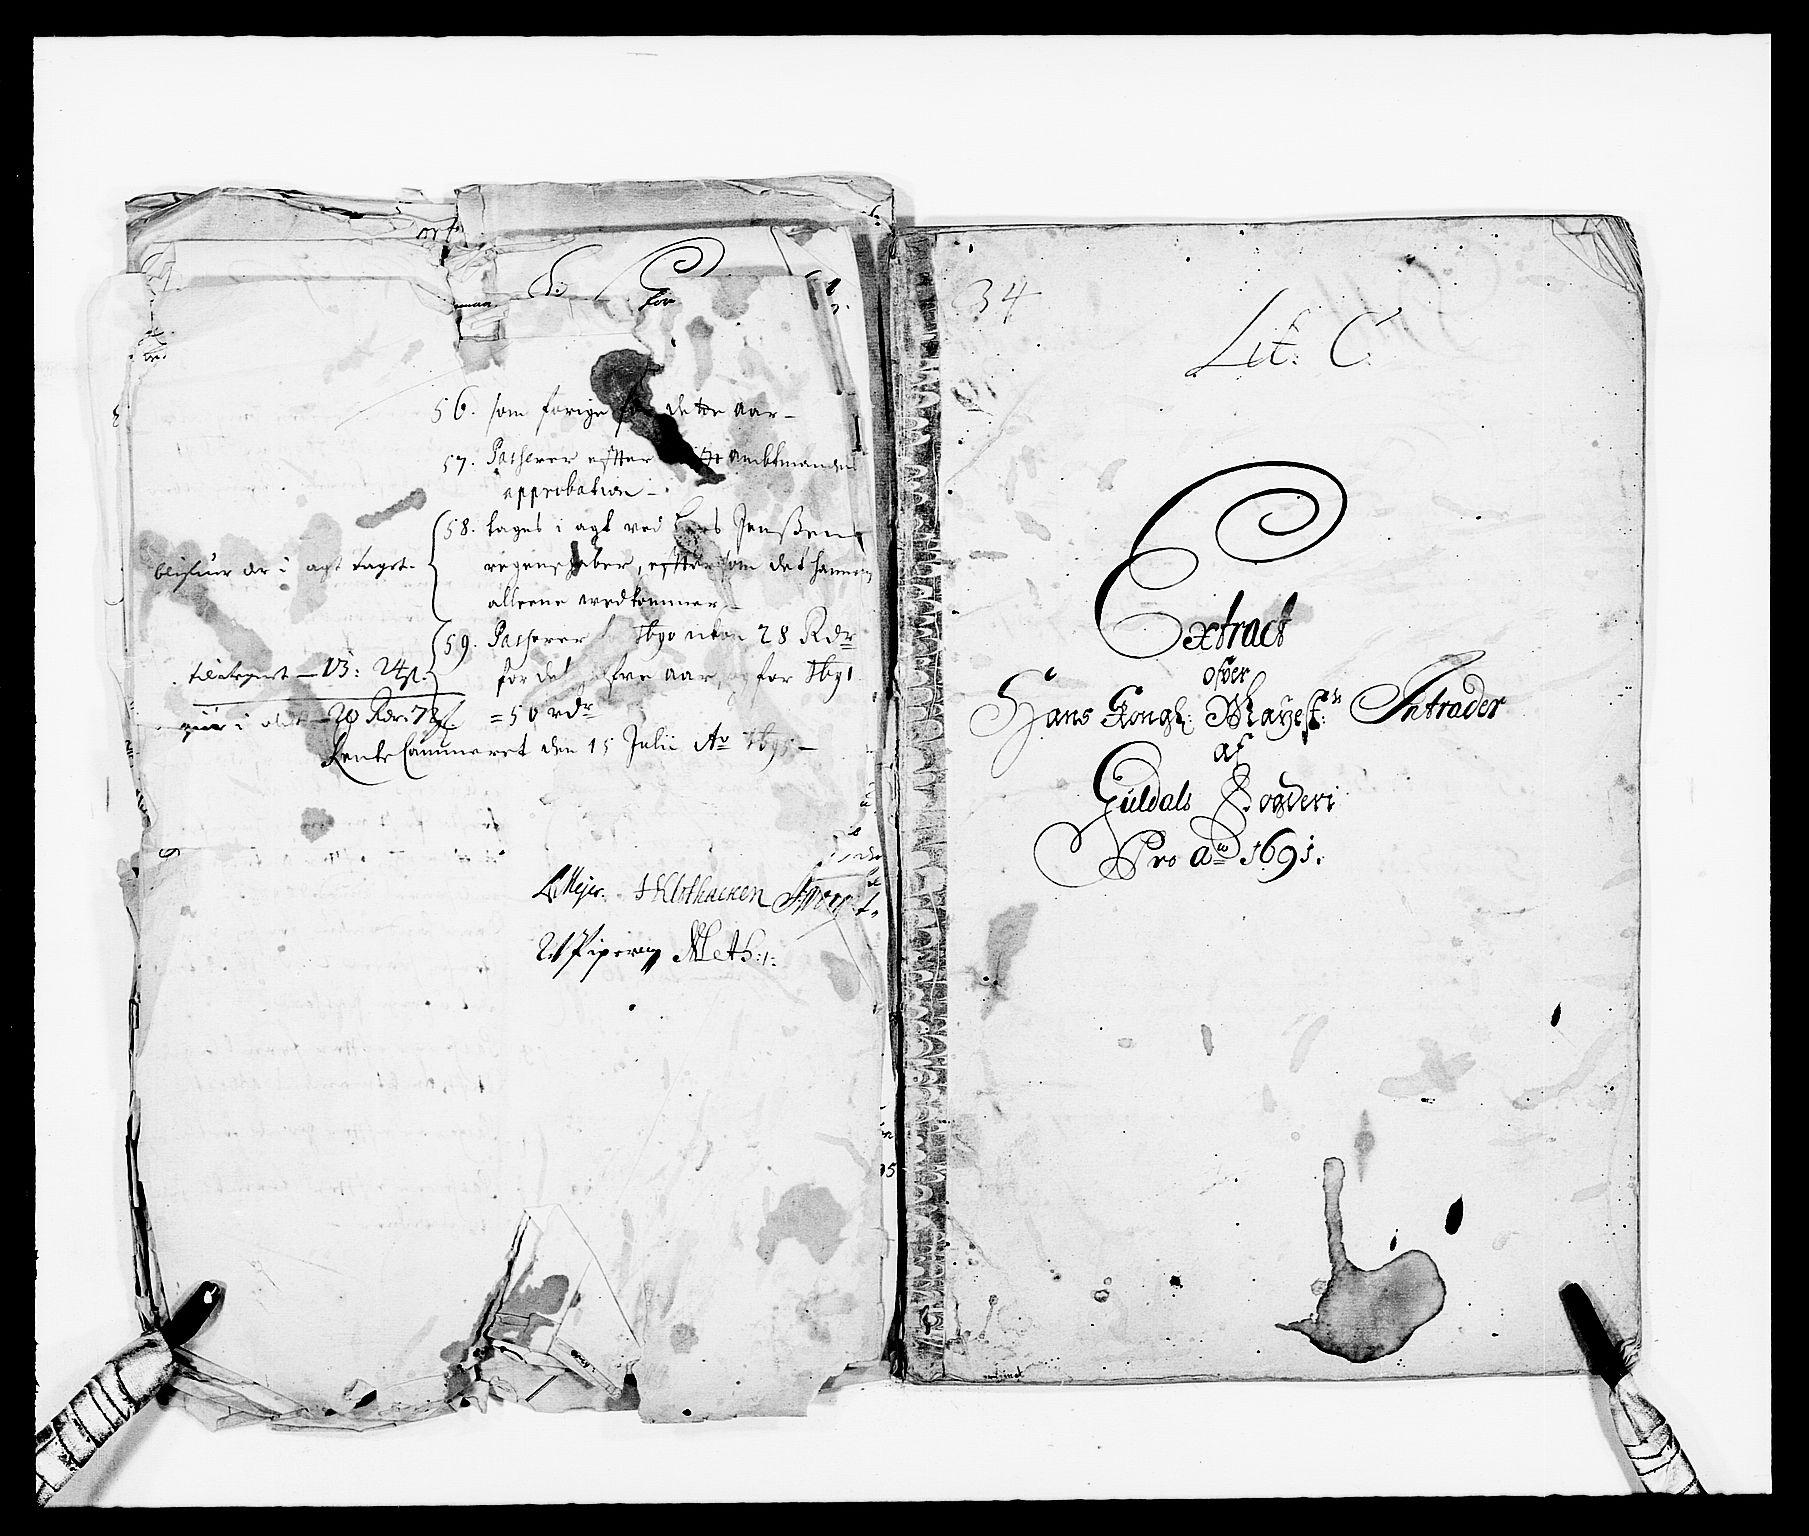 RA, Rentekammeret inntil 1814, Reviderte regnskaper, Fogderegnskap, R59/L3941: Fogderegnskap Gauldal, 1691, s. 3